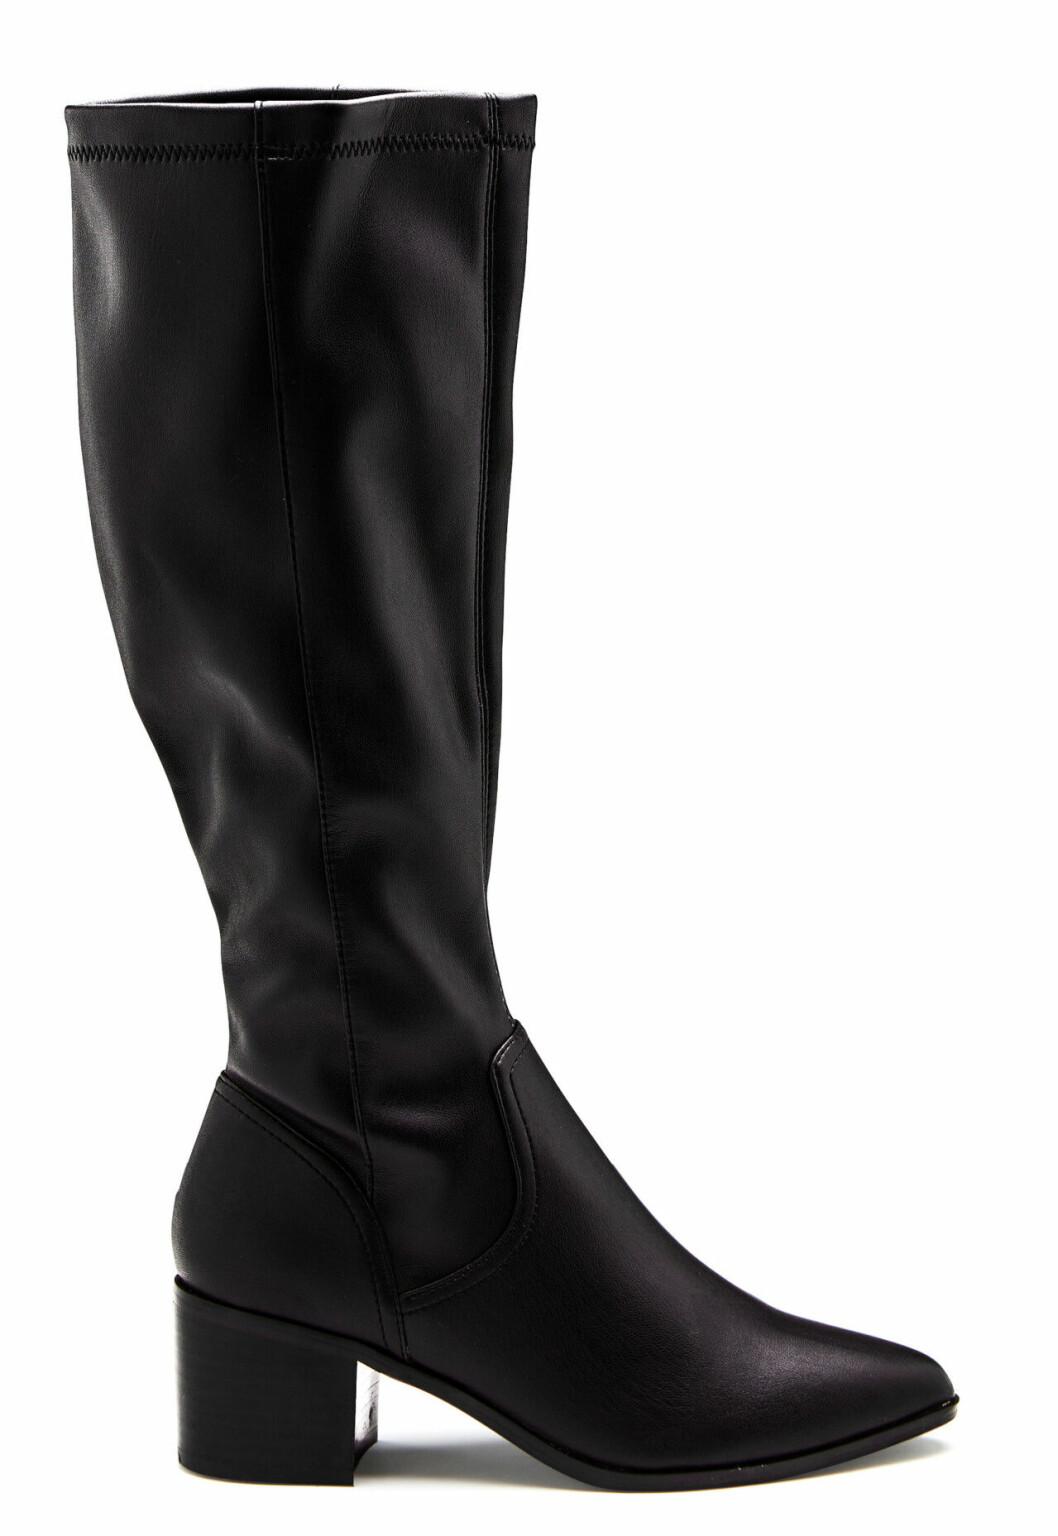 Svarta knähöga stövlar för dam